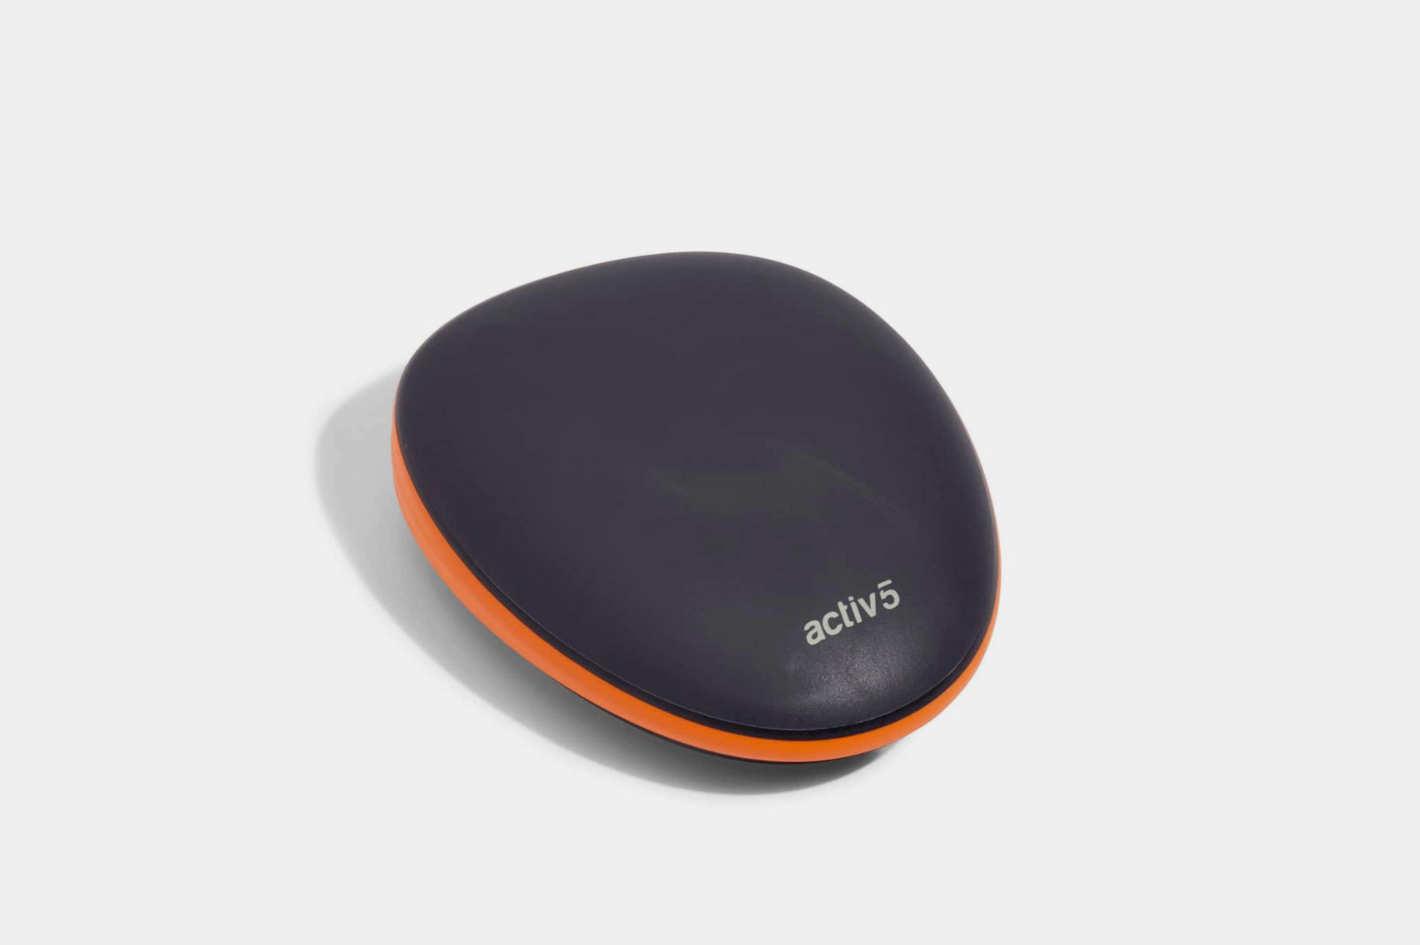 Activ5 Portable Gym